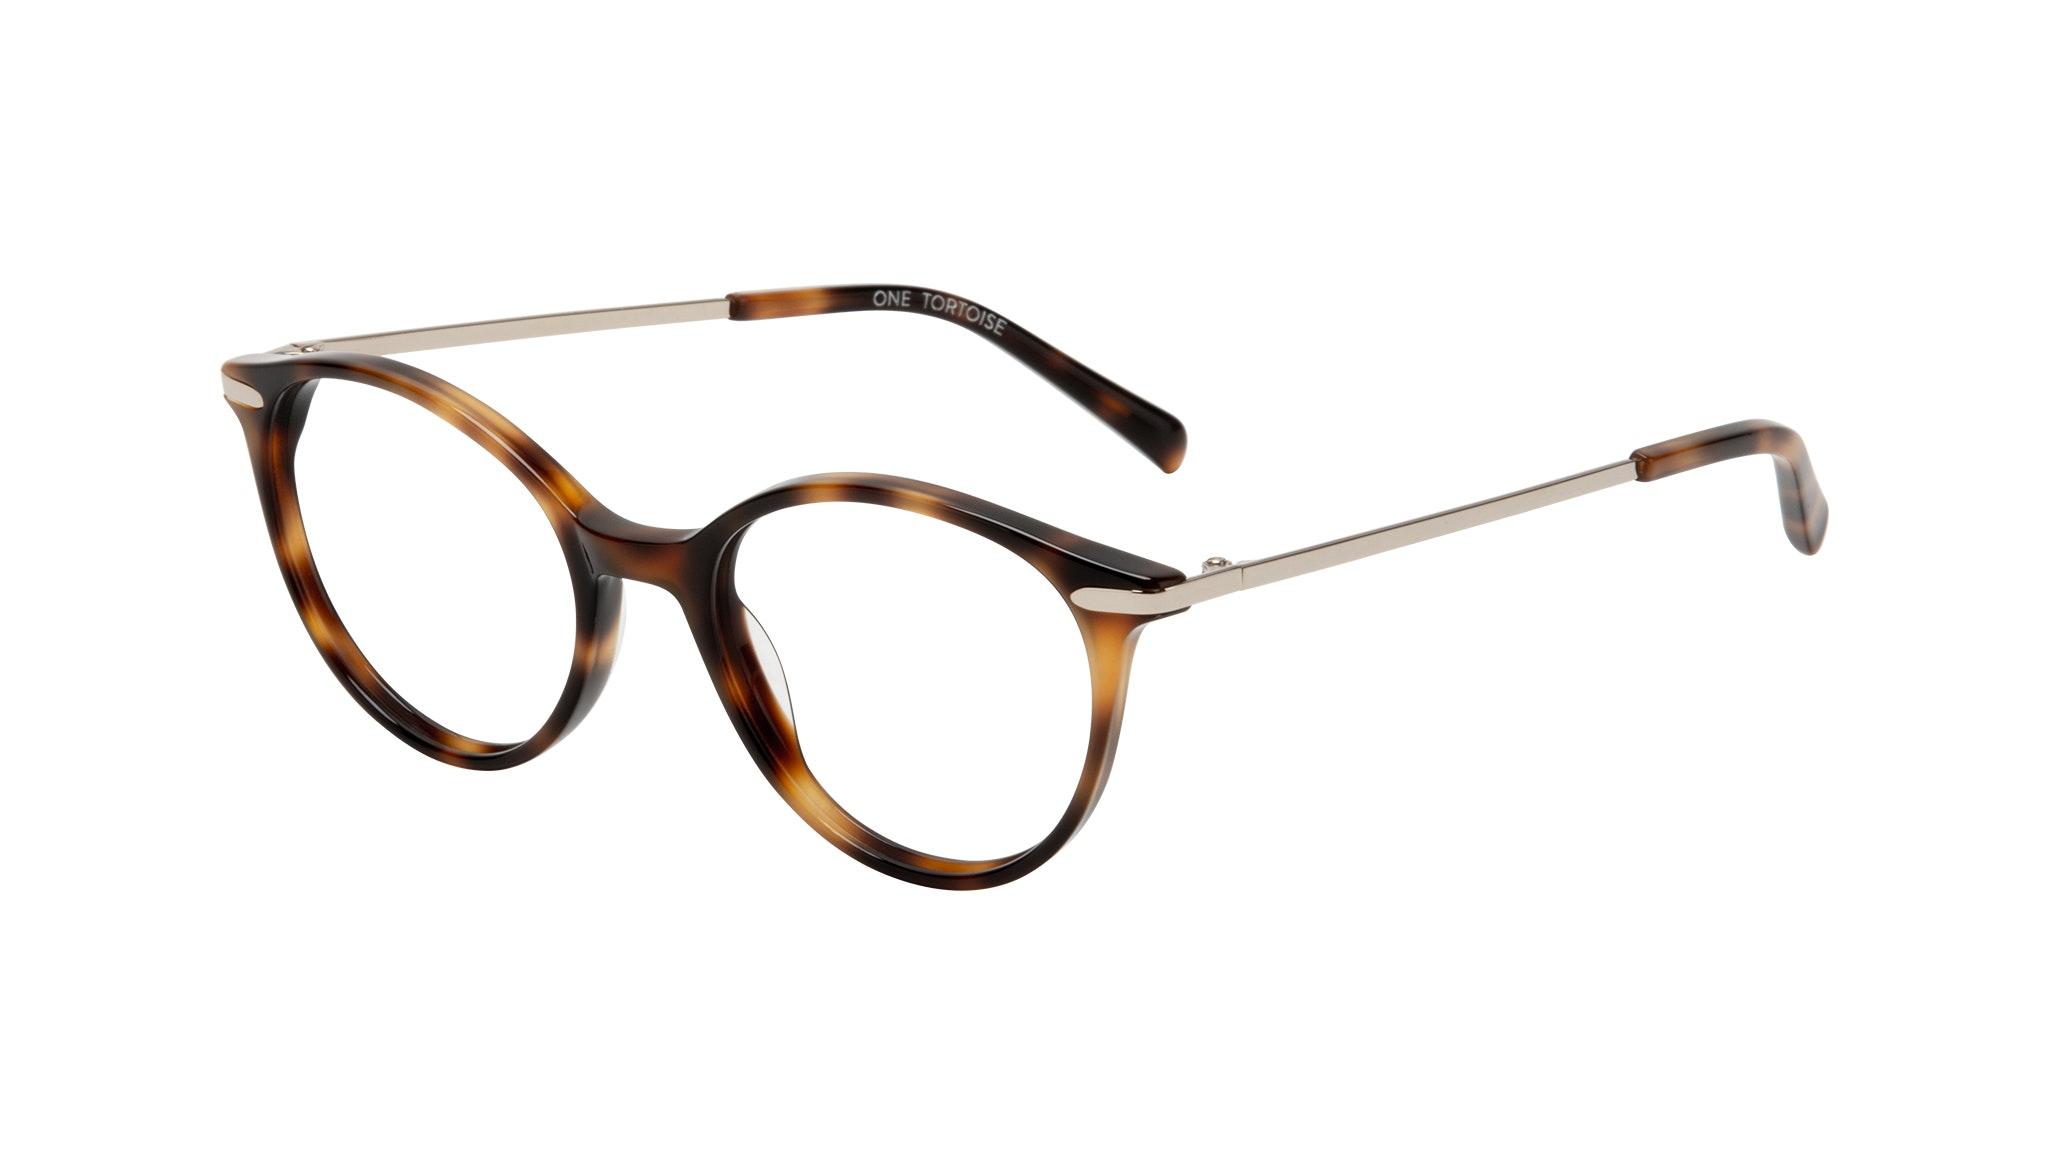 Affordable Fashion Glasses Round Eyeglasses Women One Tortoise Tilt